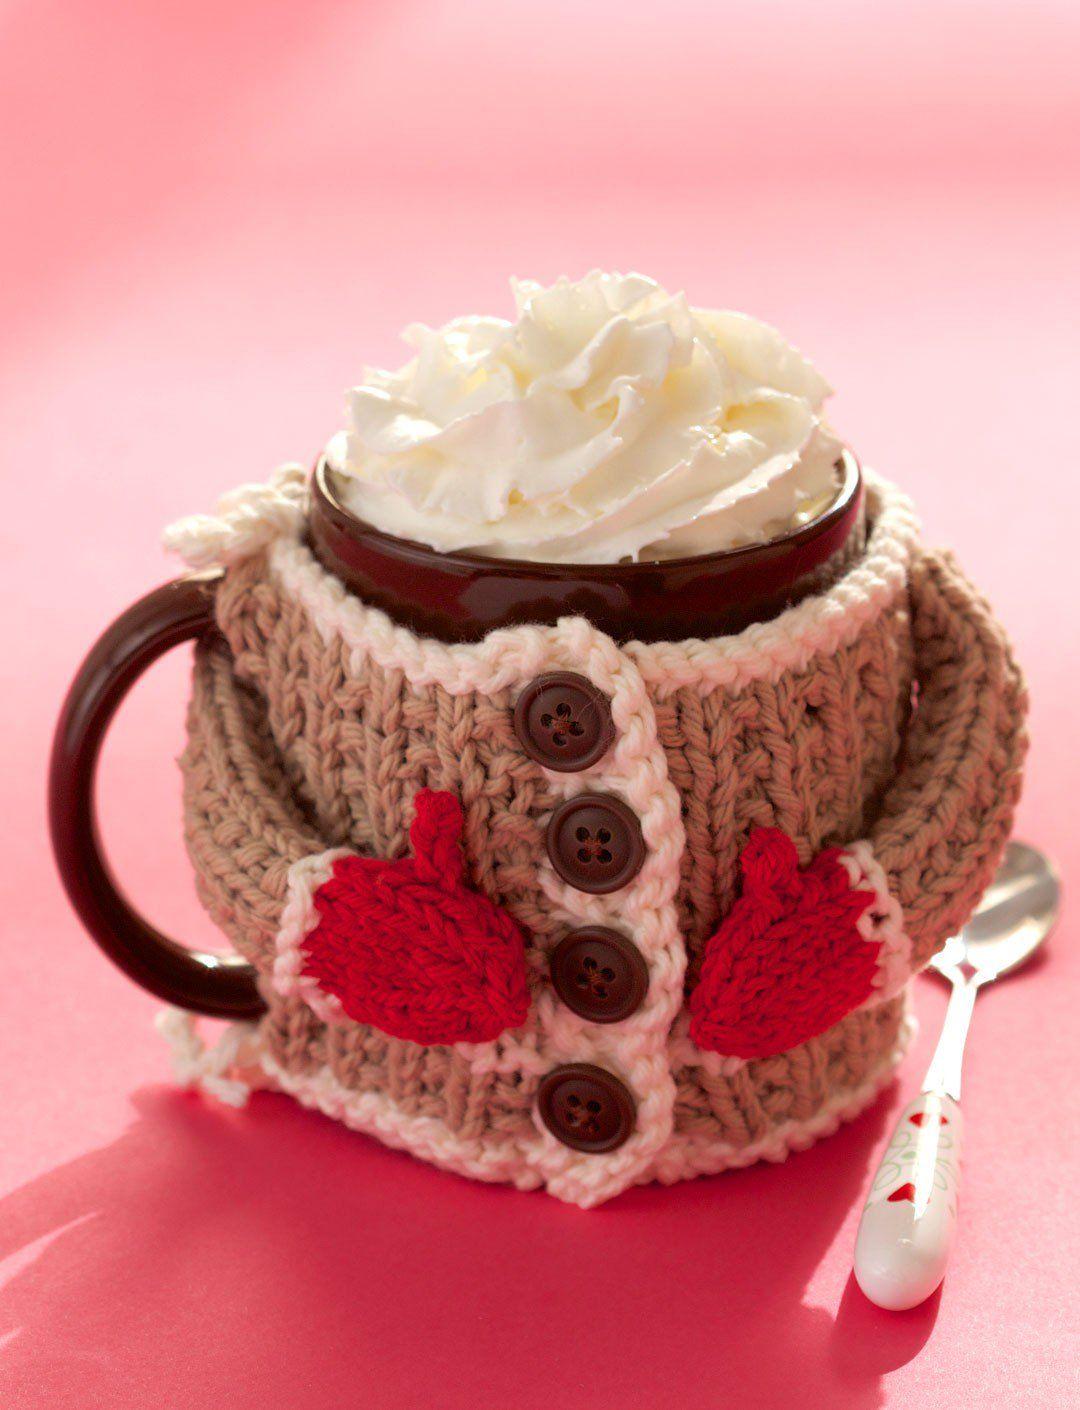 Mug Cozy Sweater Knitting Pattern | Knitting patterns, Cozy and Patterns